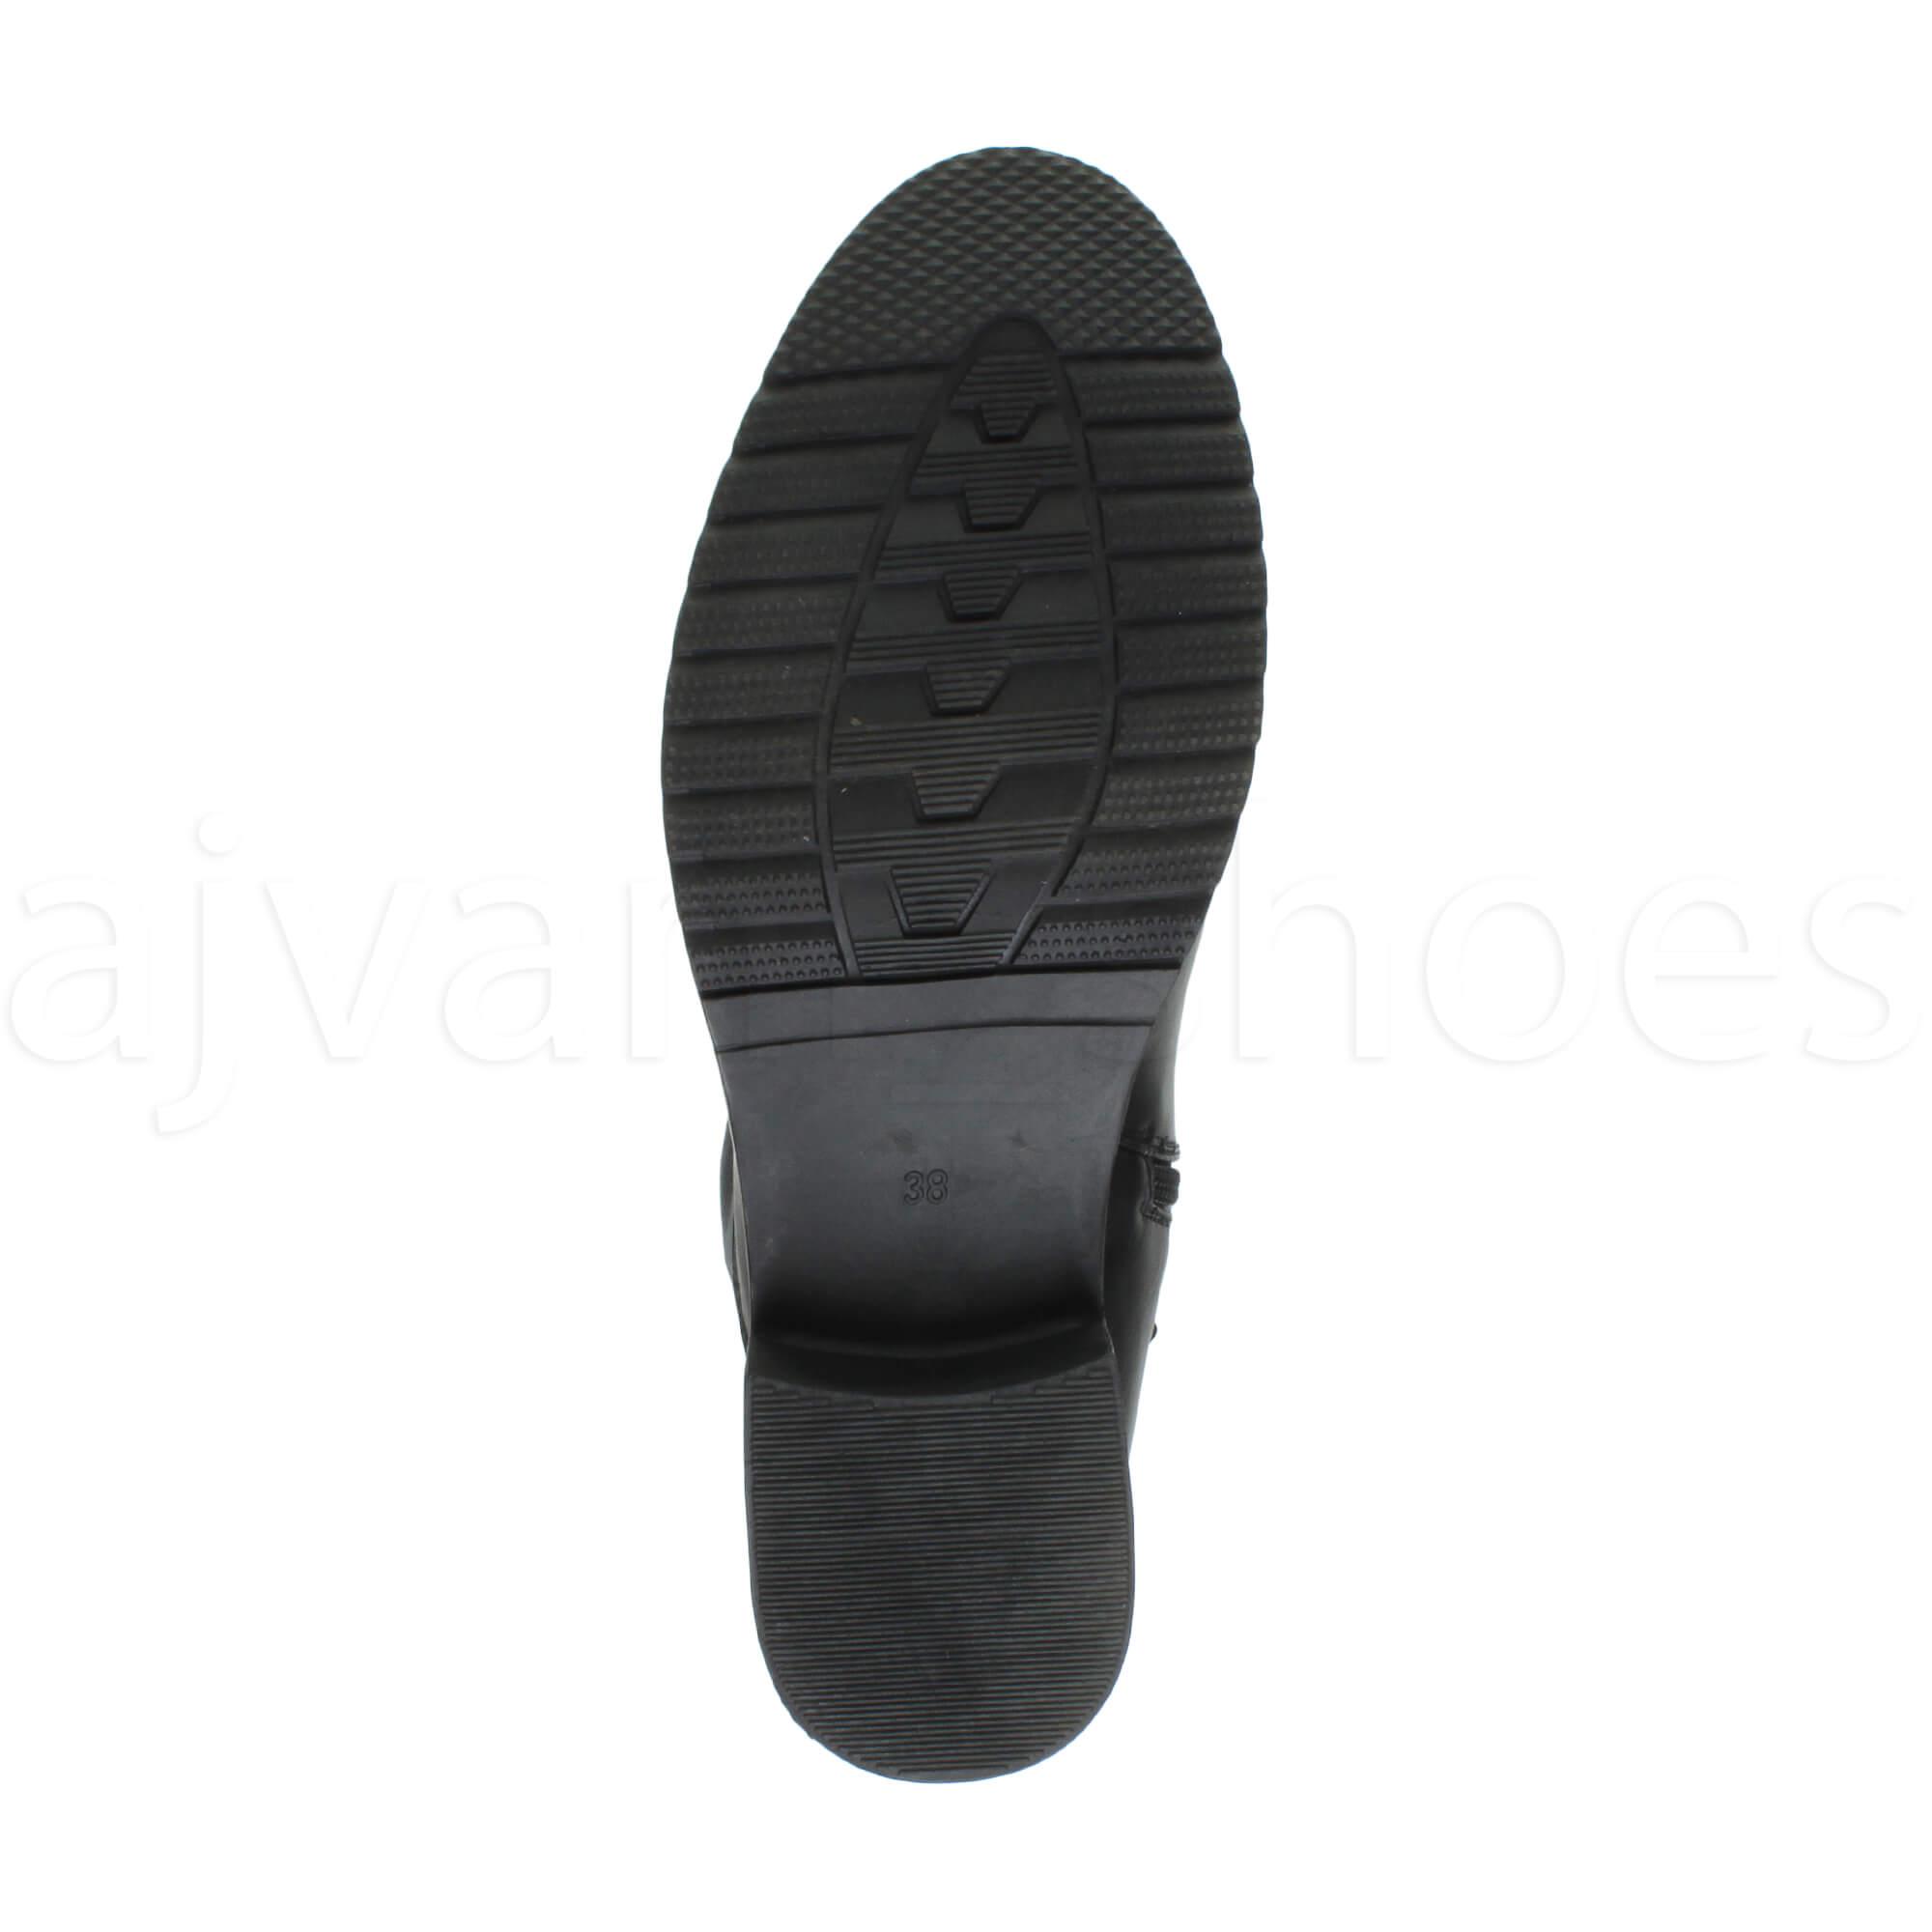 Femmes talon bas plat élastique bottes au-dessus du genou cuissardes pointure